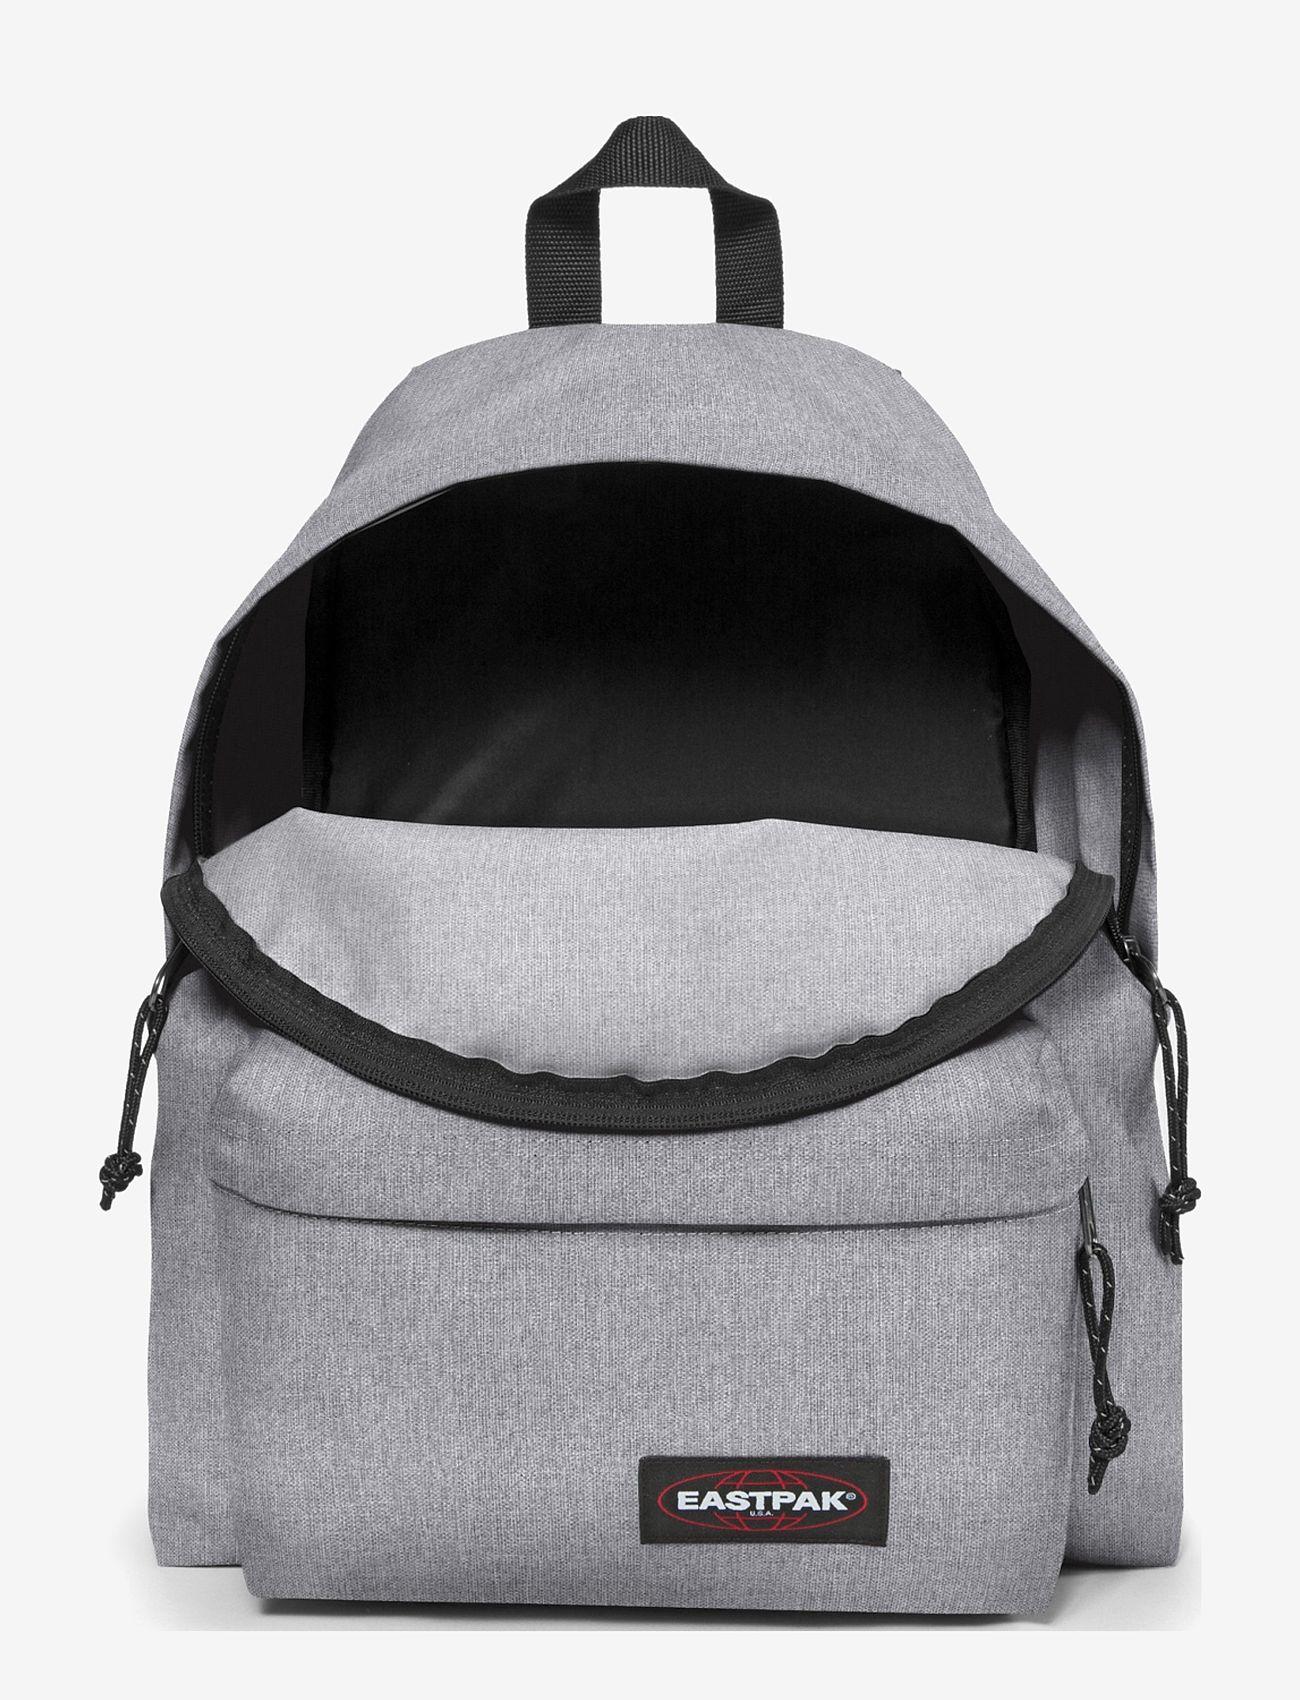 Eastpak - PADDED PAK'R - ryggsäckar - sunday grey - 1